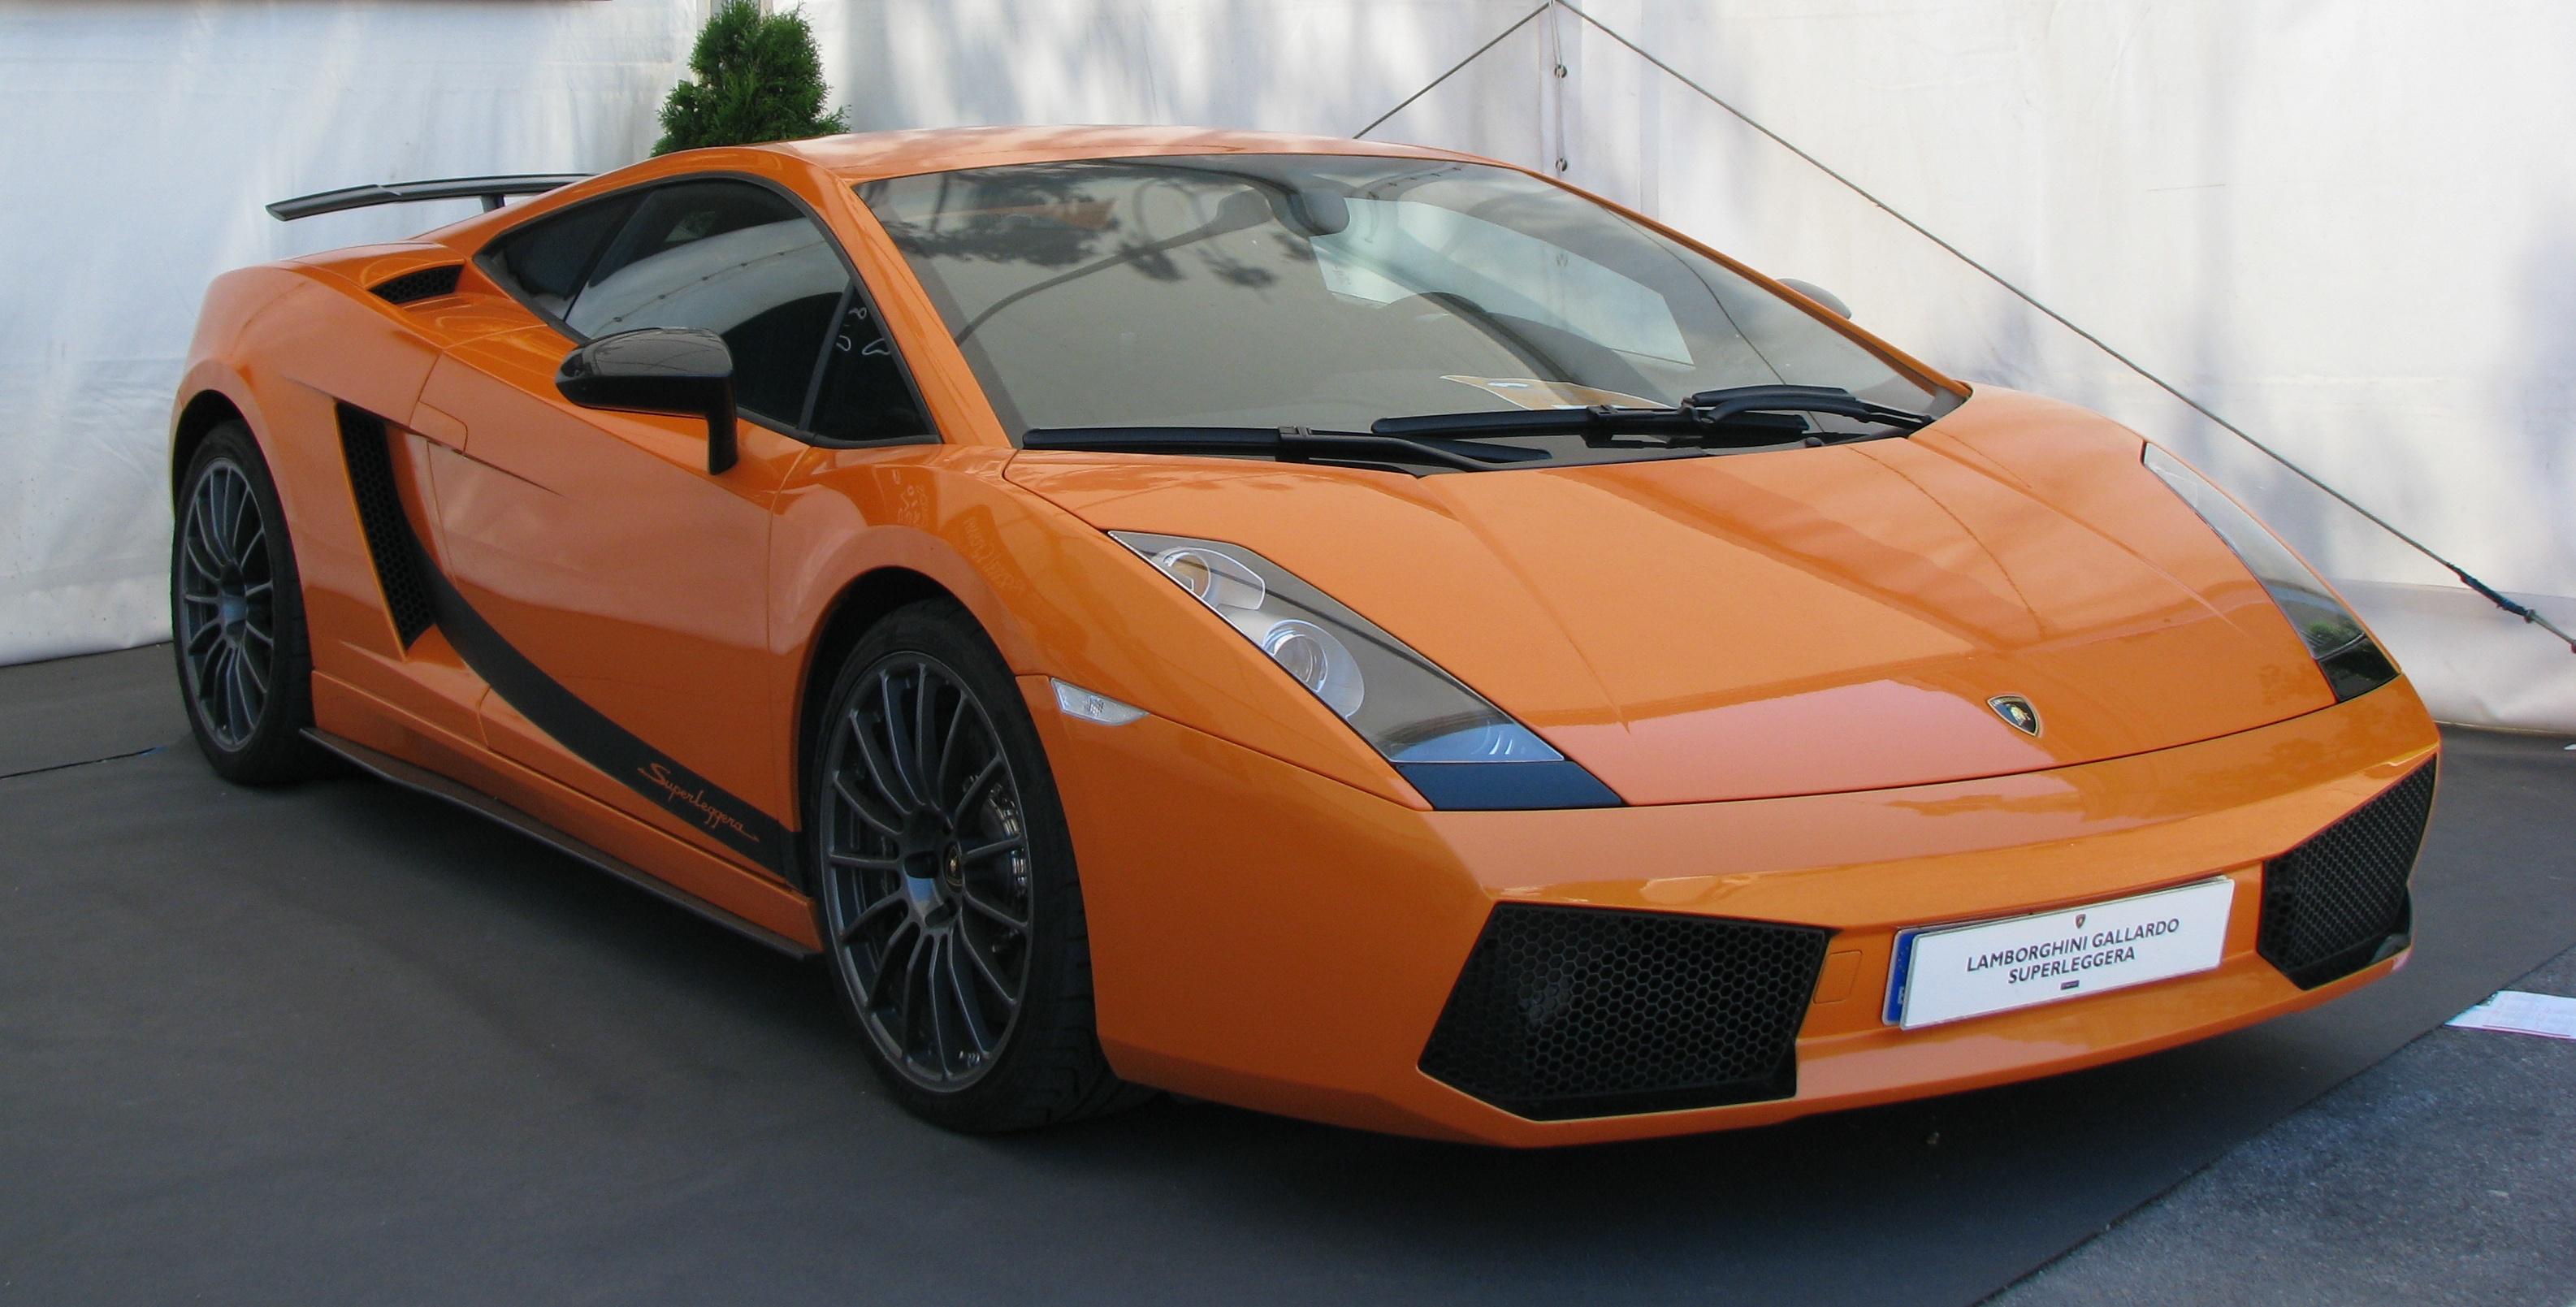 Lamborghini Gallardo Superleggera 4